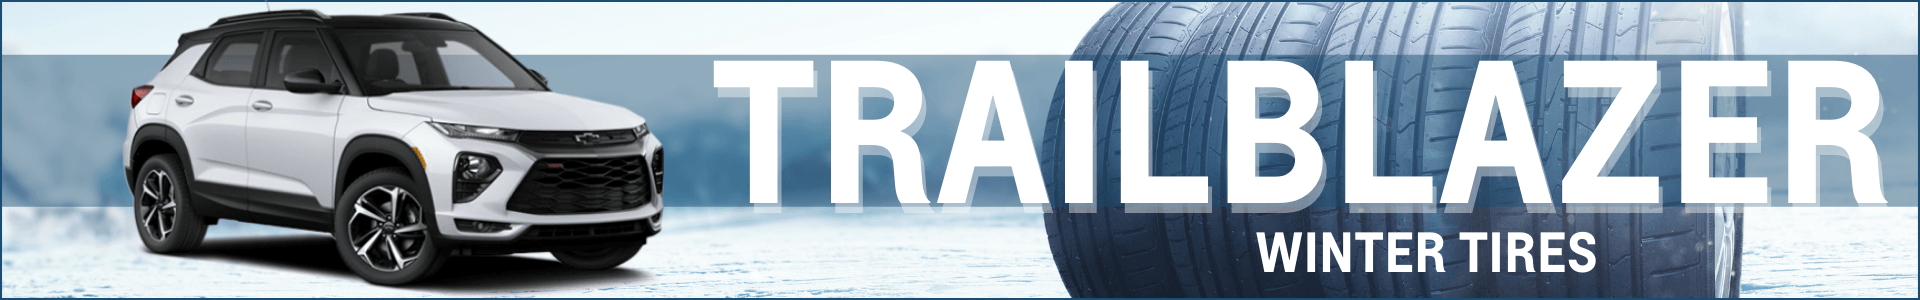 Trailblazer winter tire deals